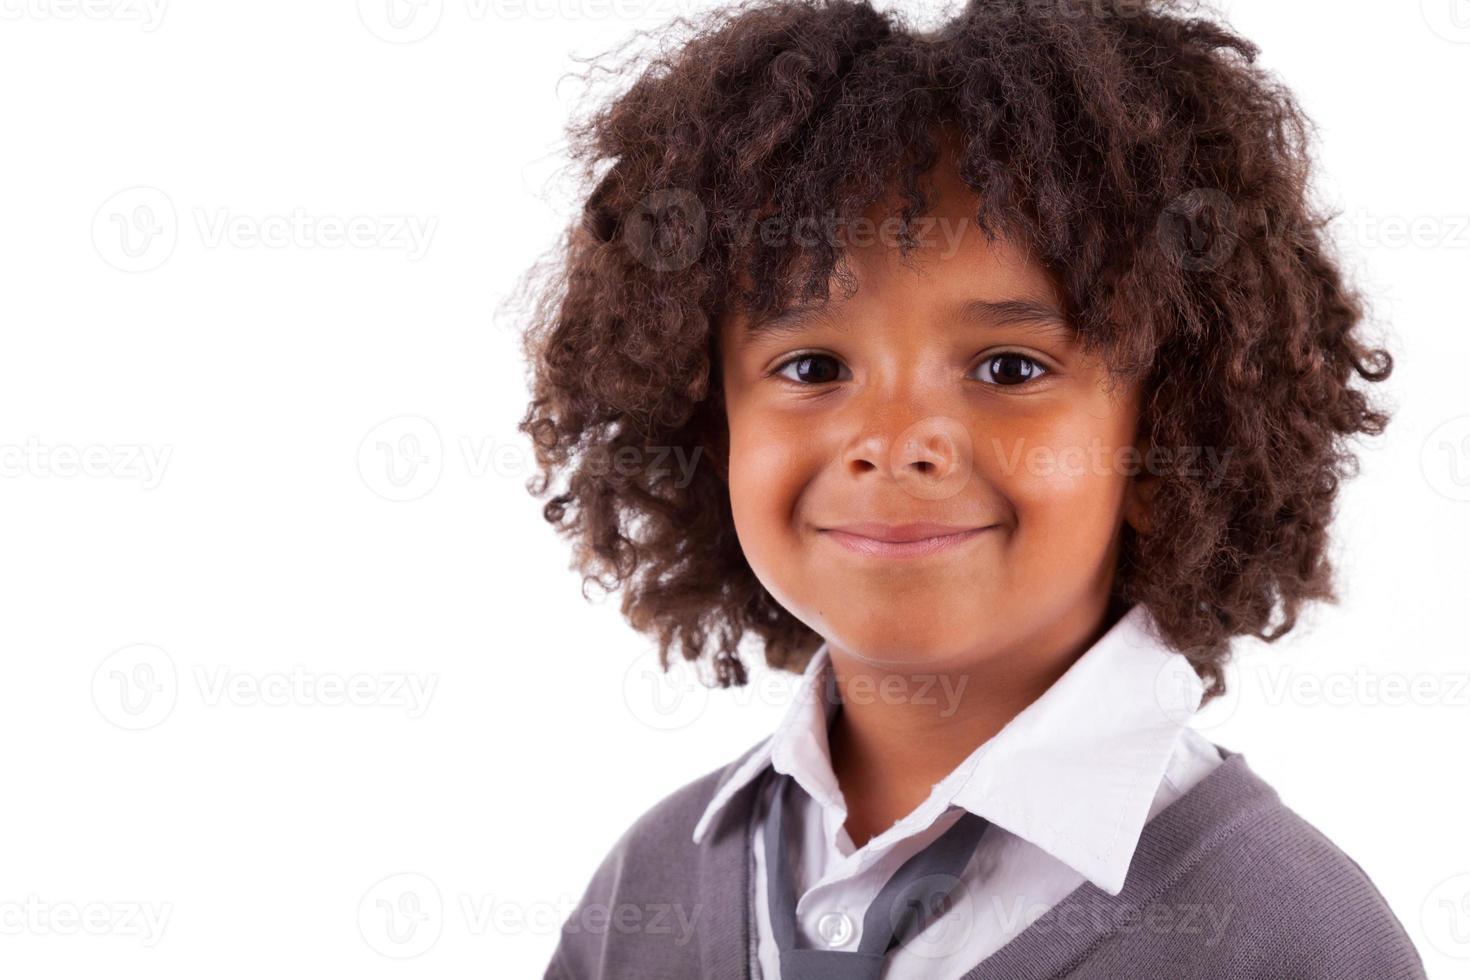 retrato de um menino americano africano bonito foto